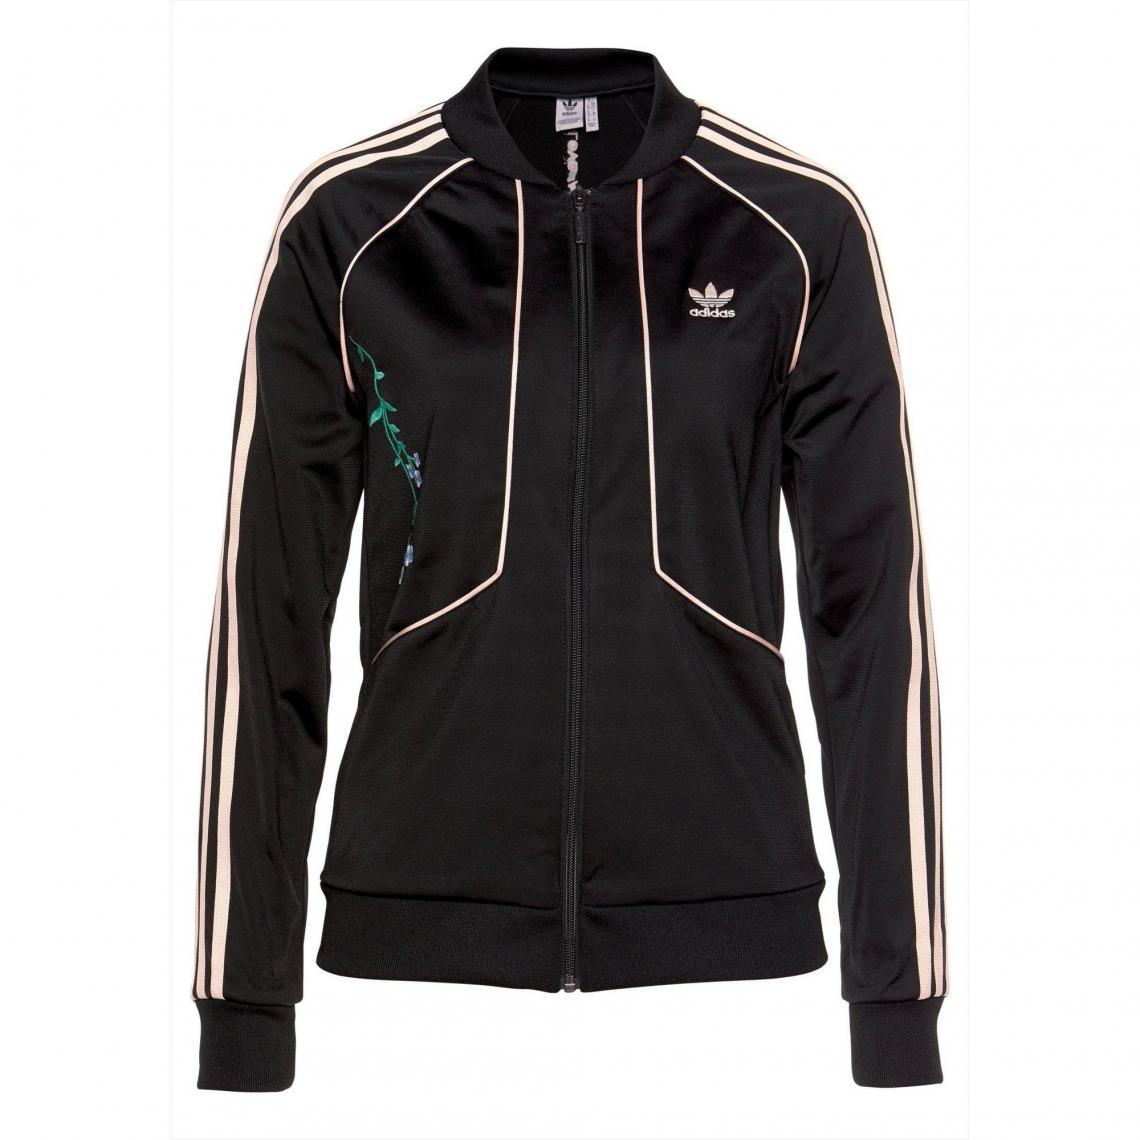 Veste De Piste Adidas Originals Noir 3suisses